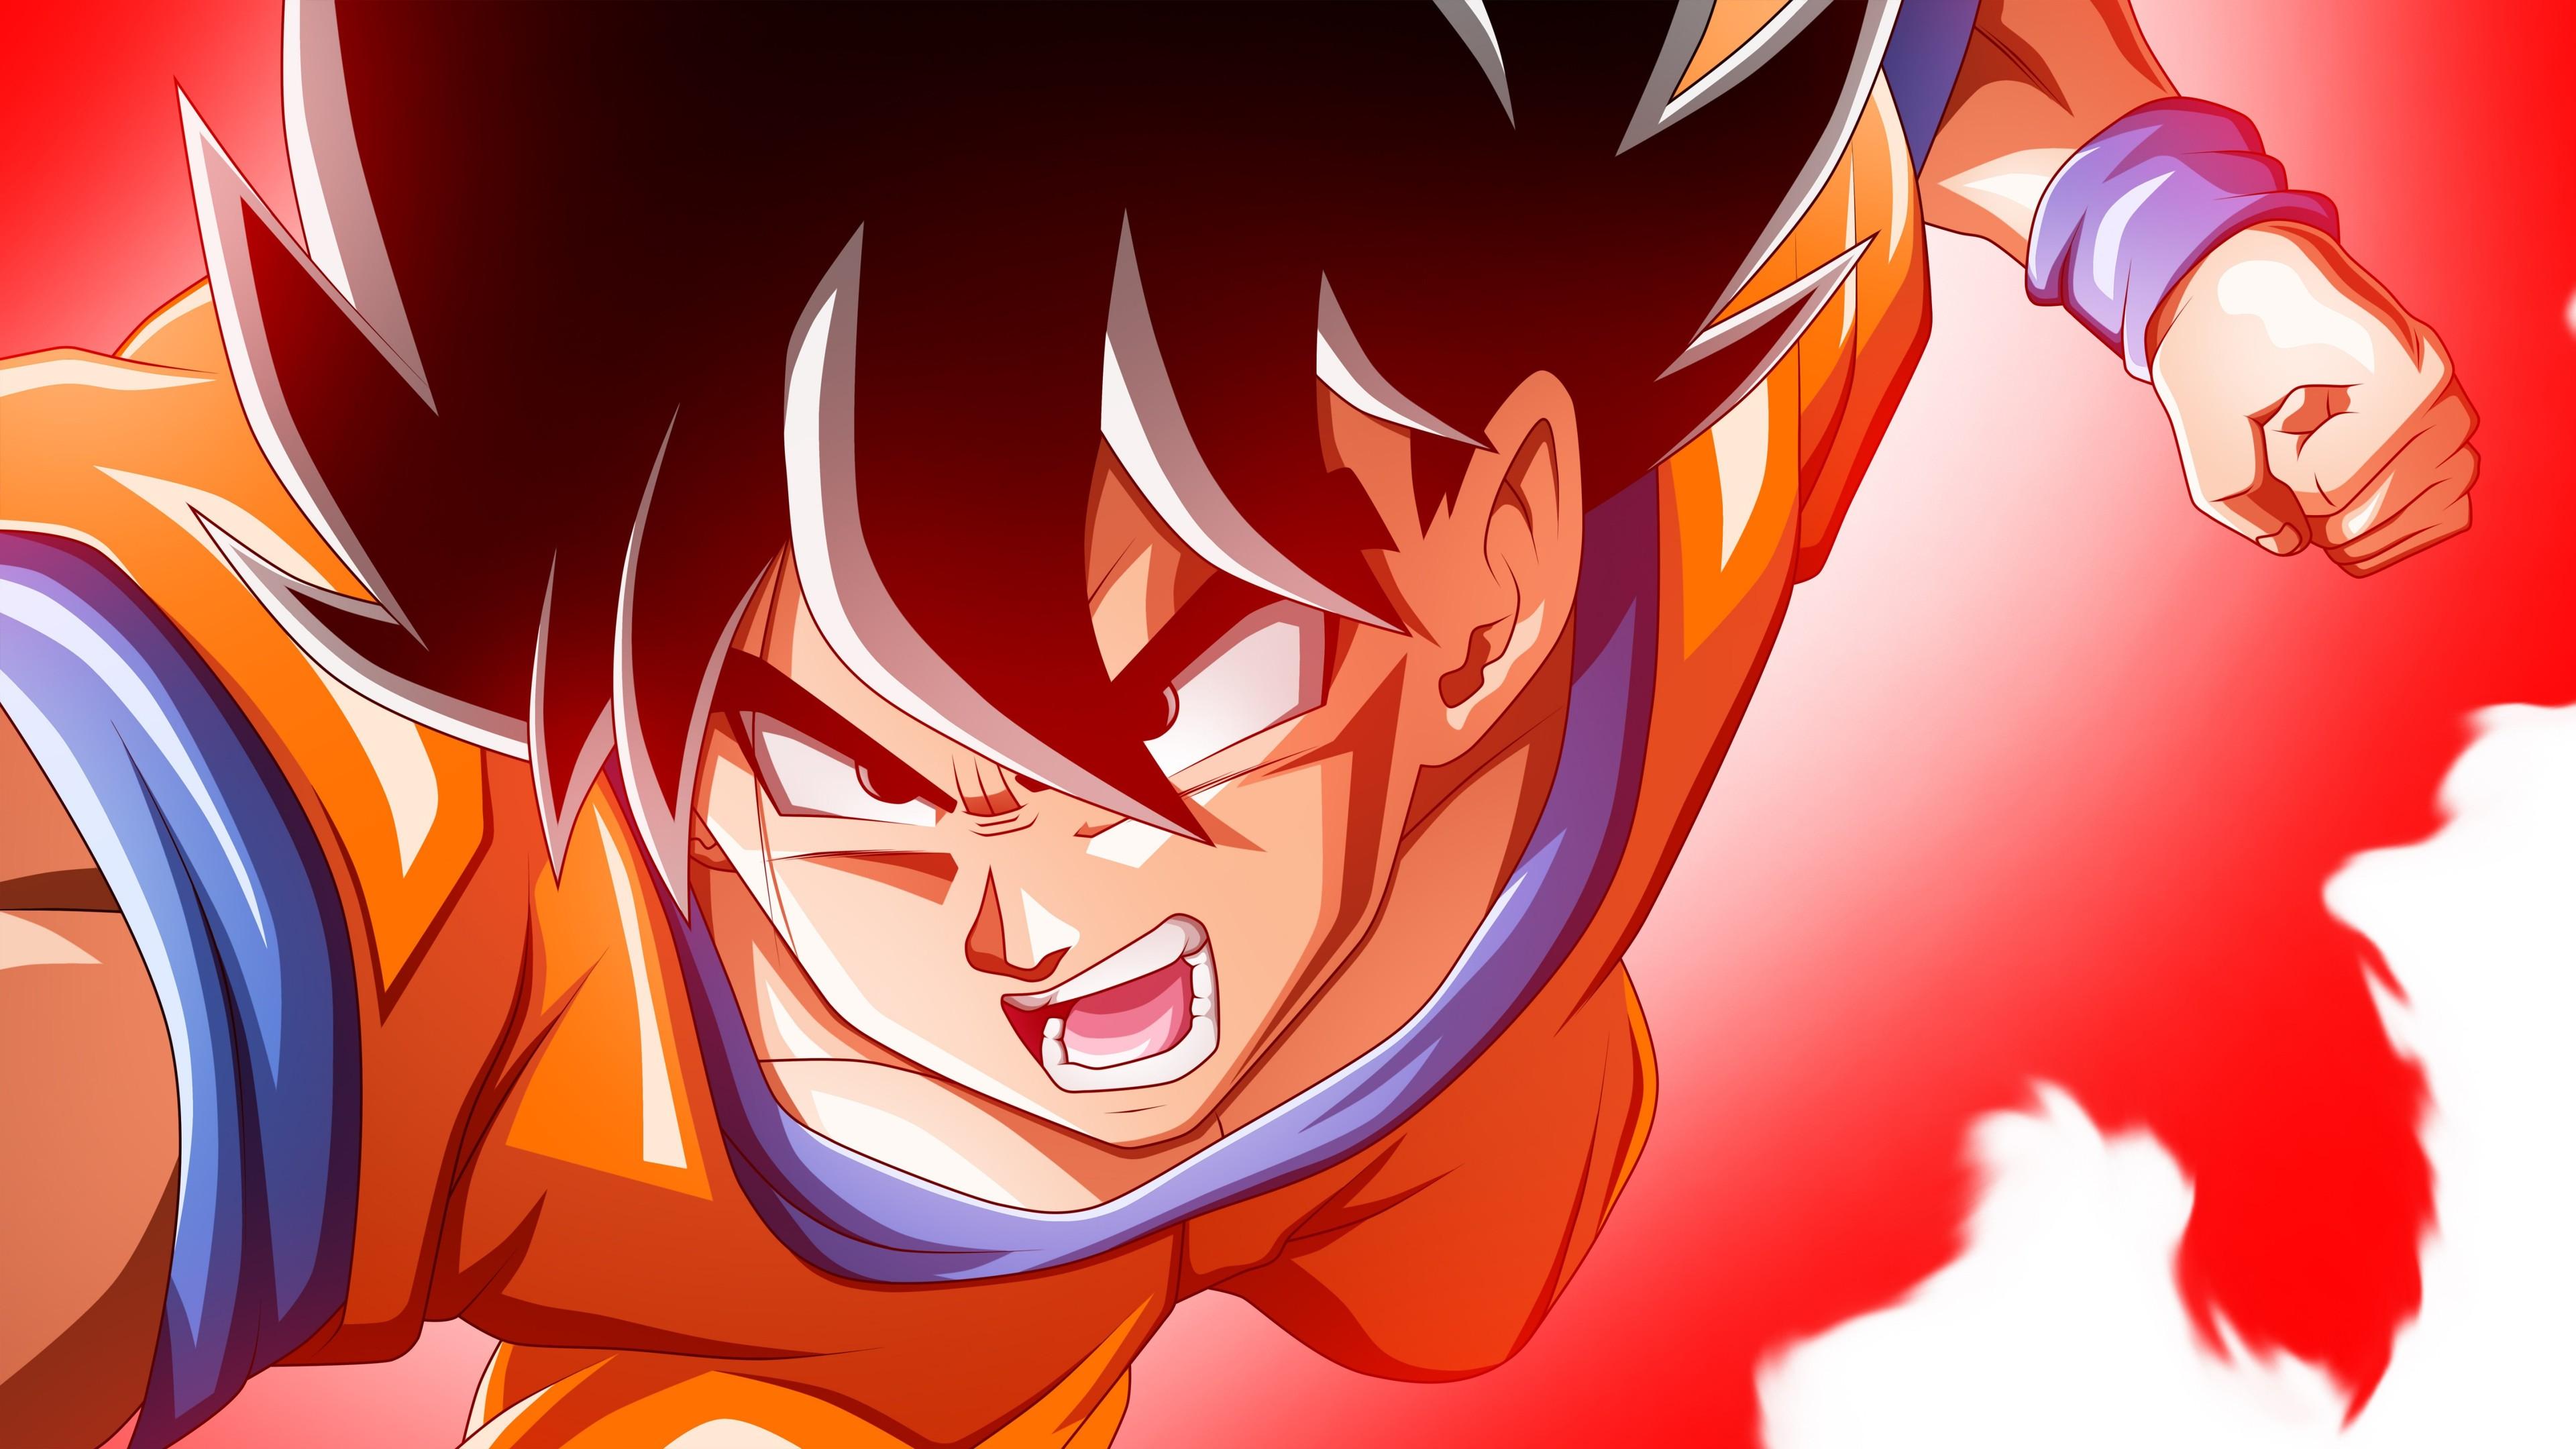 son goku in dragon ball super 4k 1541974476 - Son Goku In Dragon Ball Super 4k - hd-wallpapers, goku wallpapers, dragon ball wallpapers, dragon ball super wallpapers, anime wallpapers, 4k-wallpapers